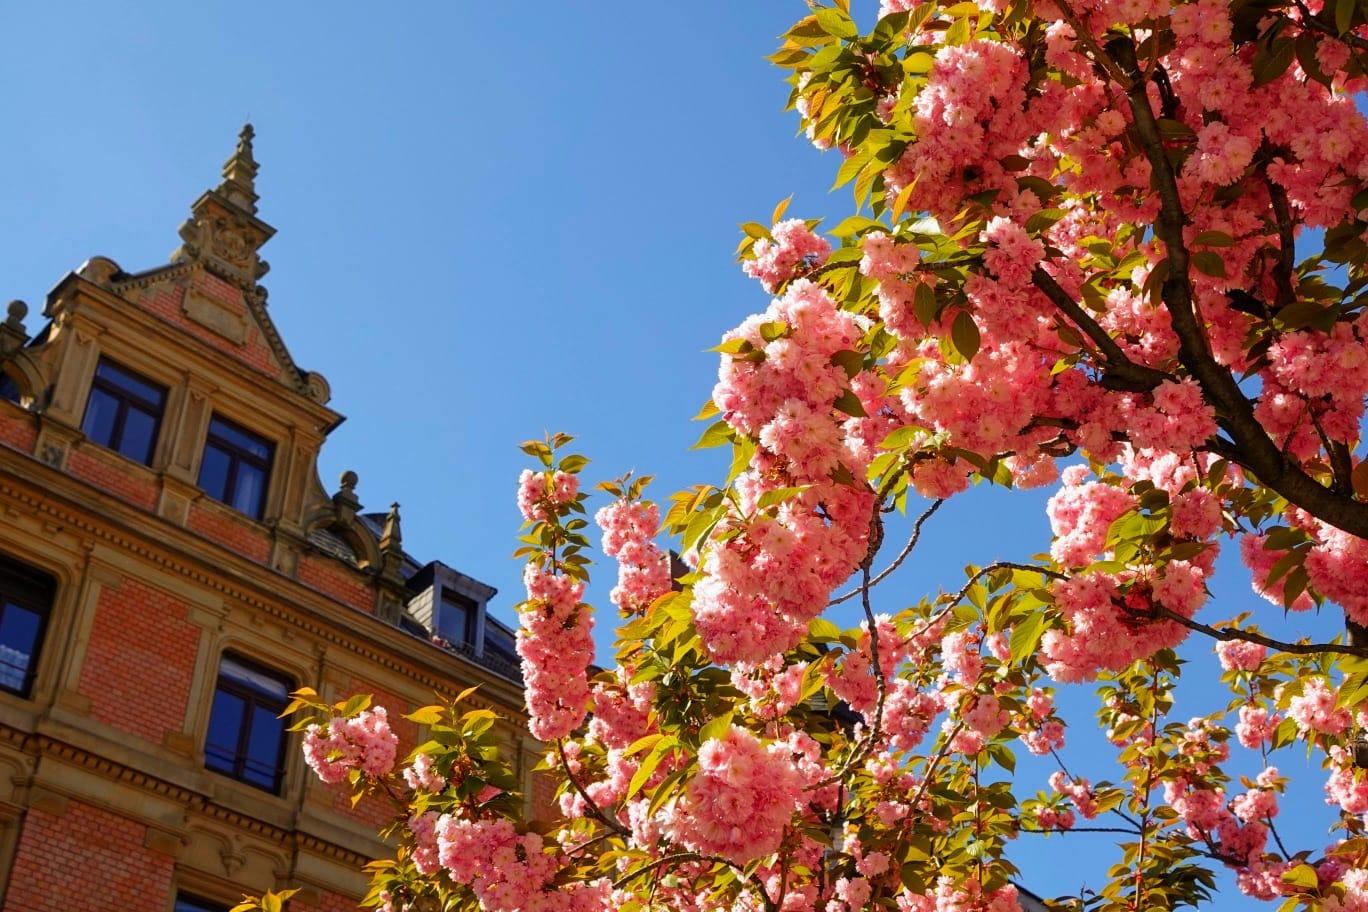 Kirschblüten auf der Leipziger Straße | (c) rkk